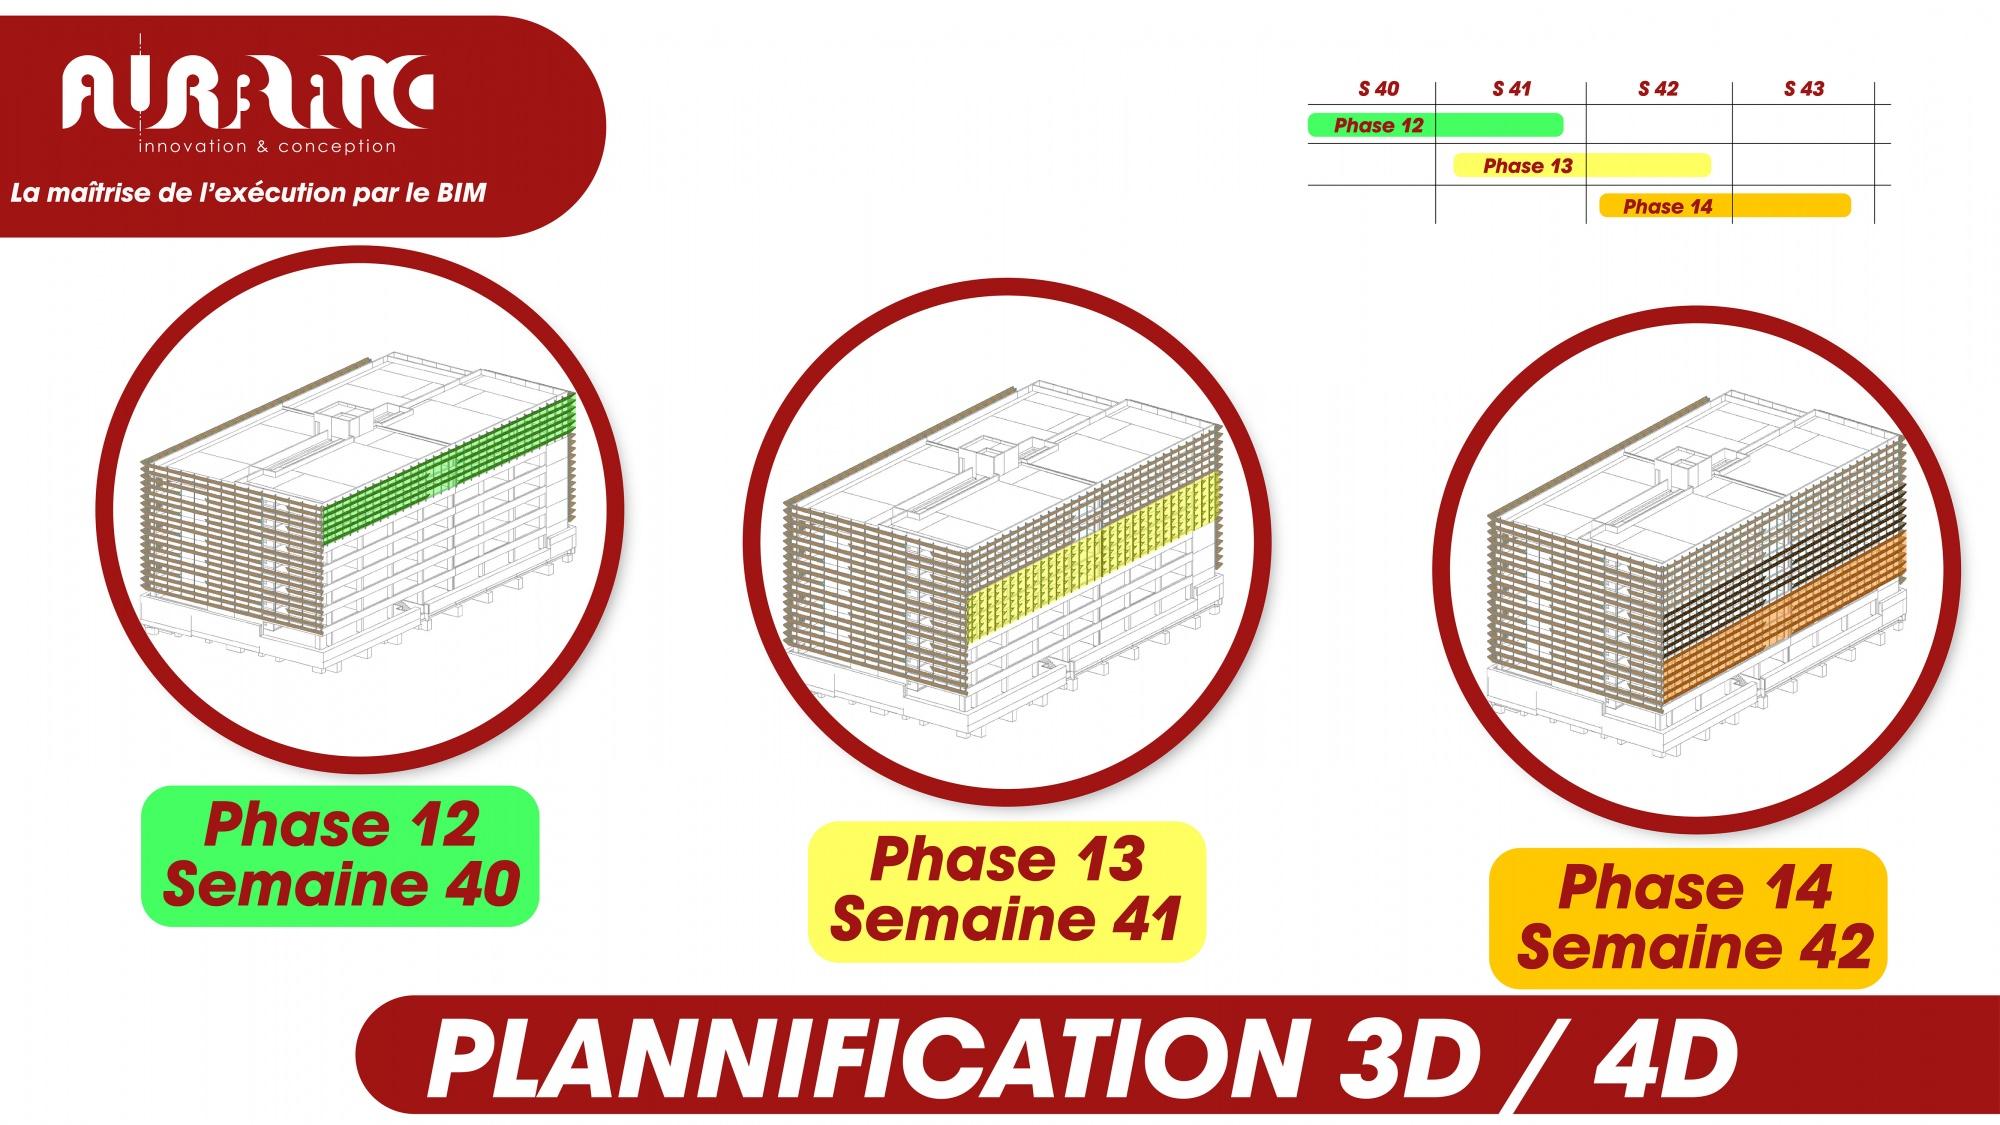 PLANNIFICATION_Plan de travail 1